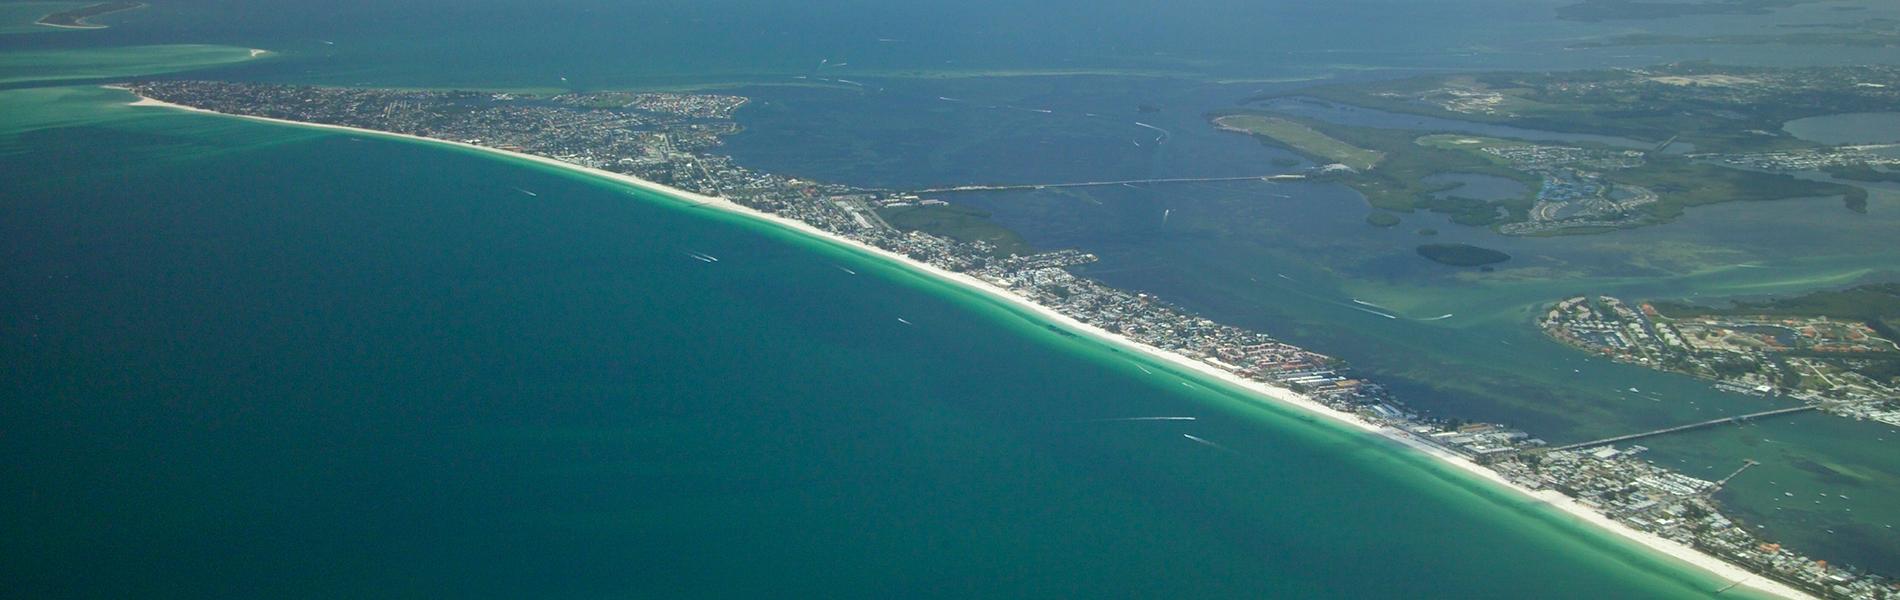 Beach To Bay Realty Anna Maria Island